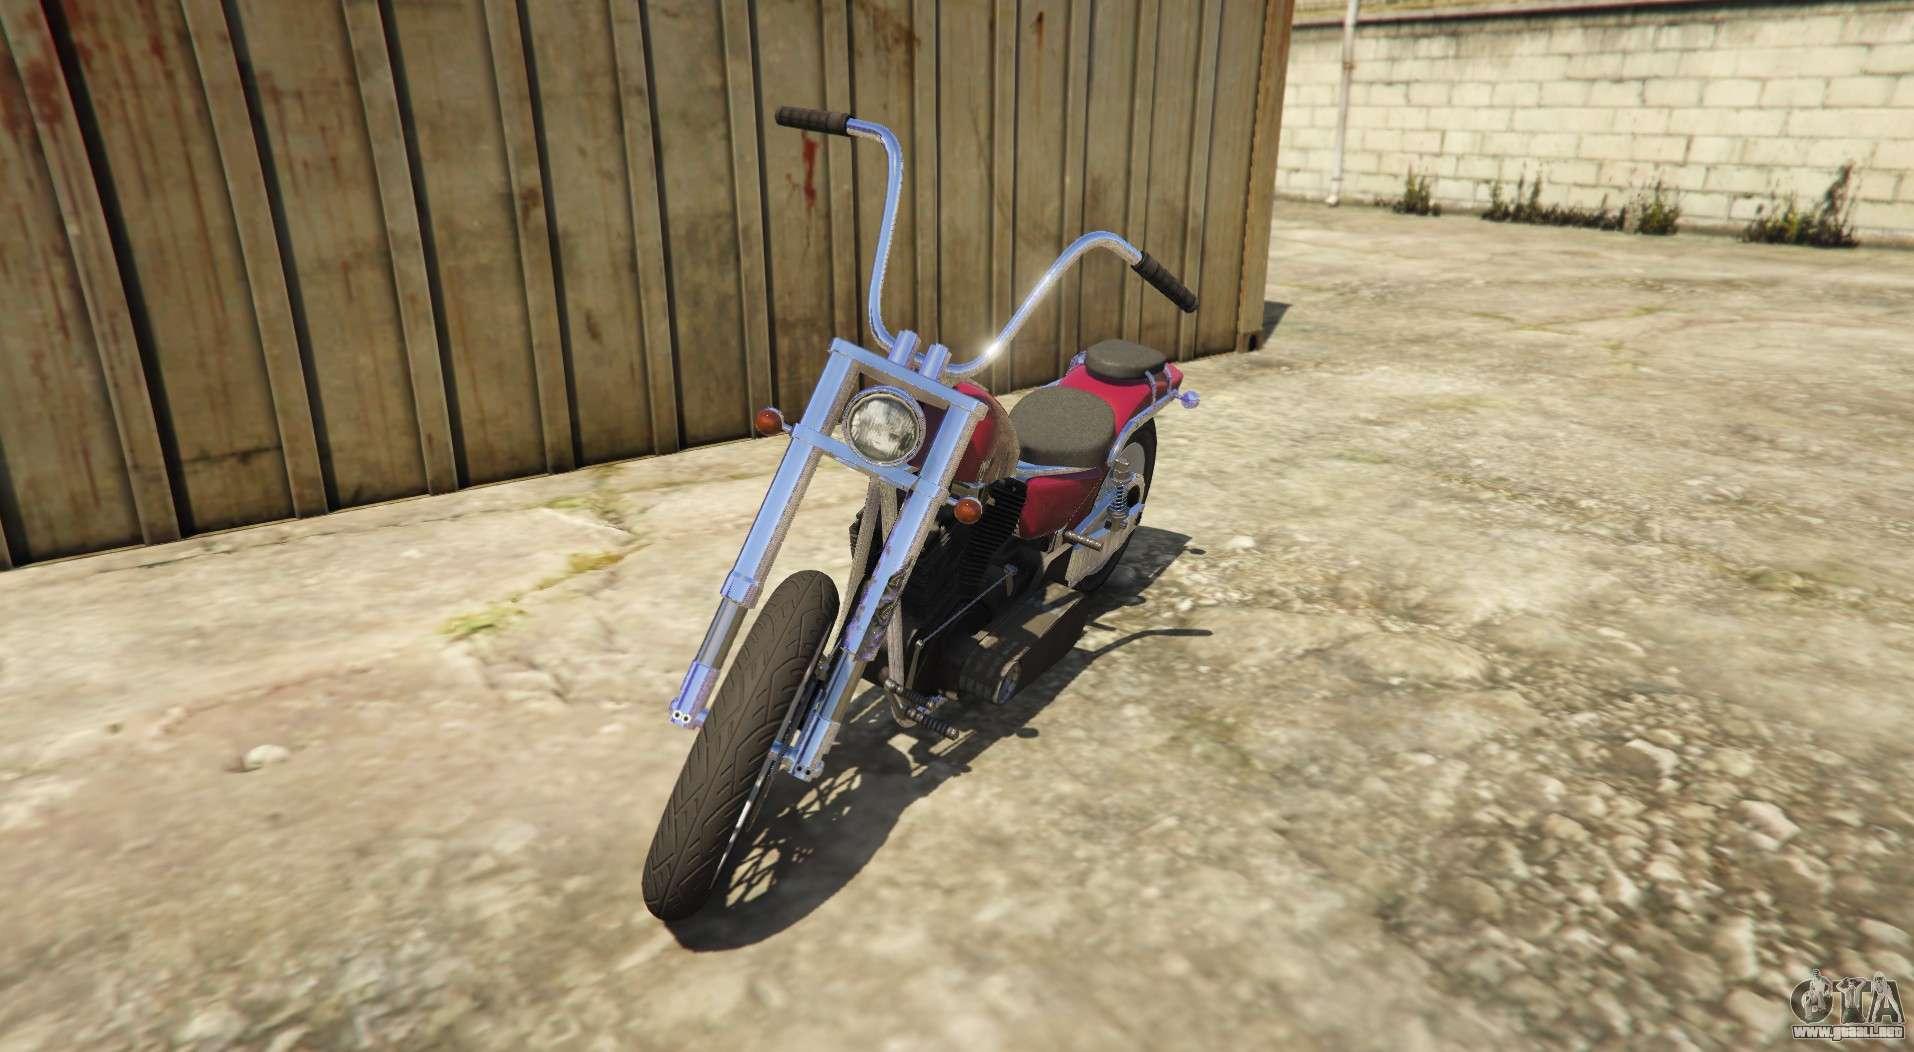 Demonio - neue chopper von der Western Motorcycle Company